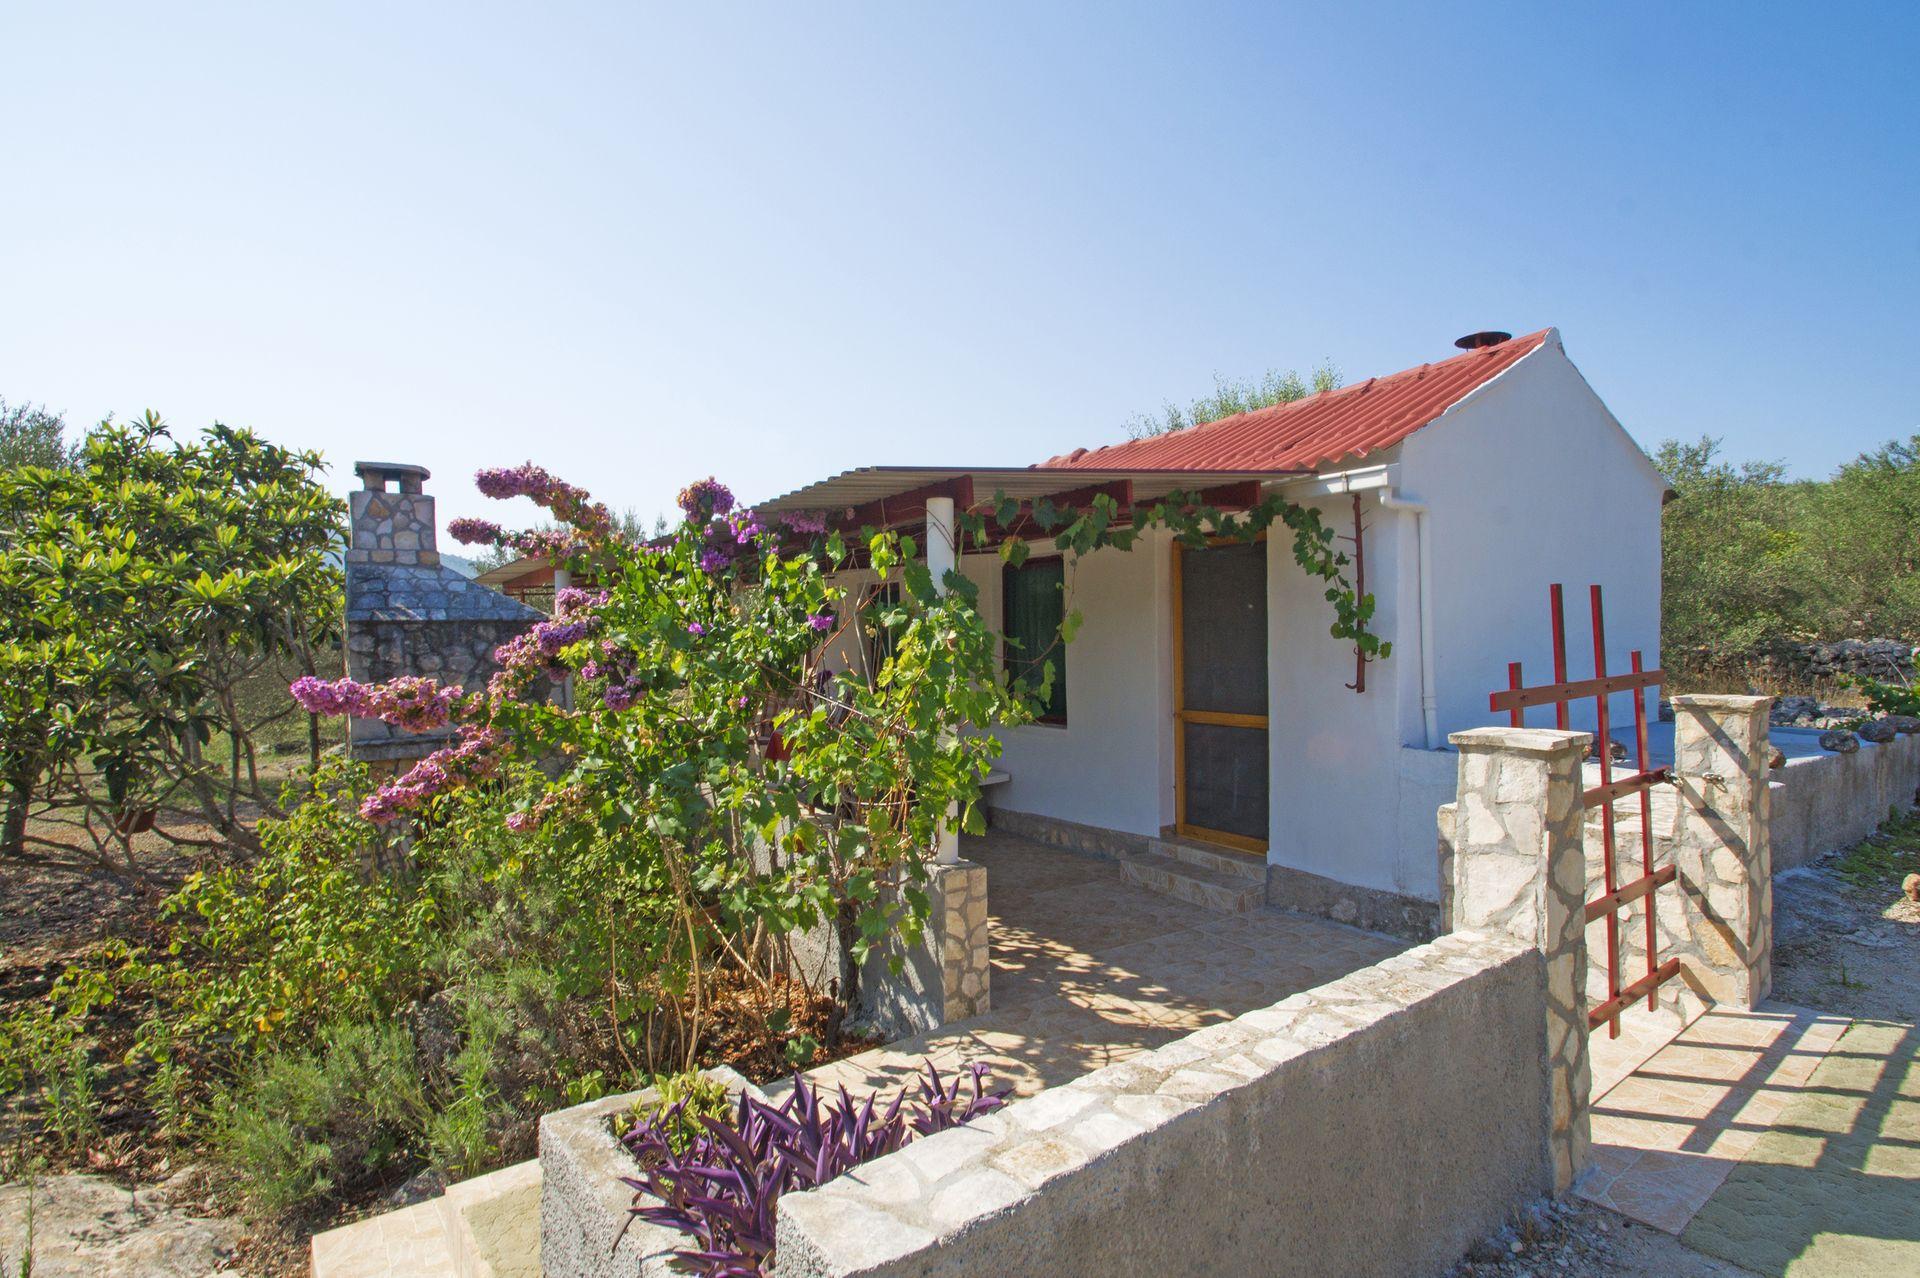 35550 - Залив Тудоровица (Вела Лука) - Дома для отдыха, виллы Хорватия